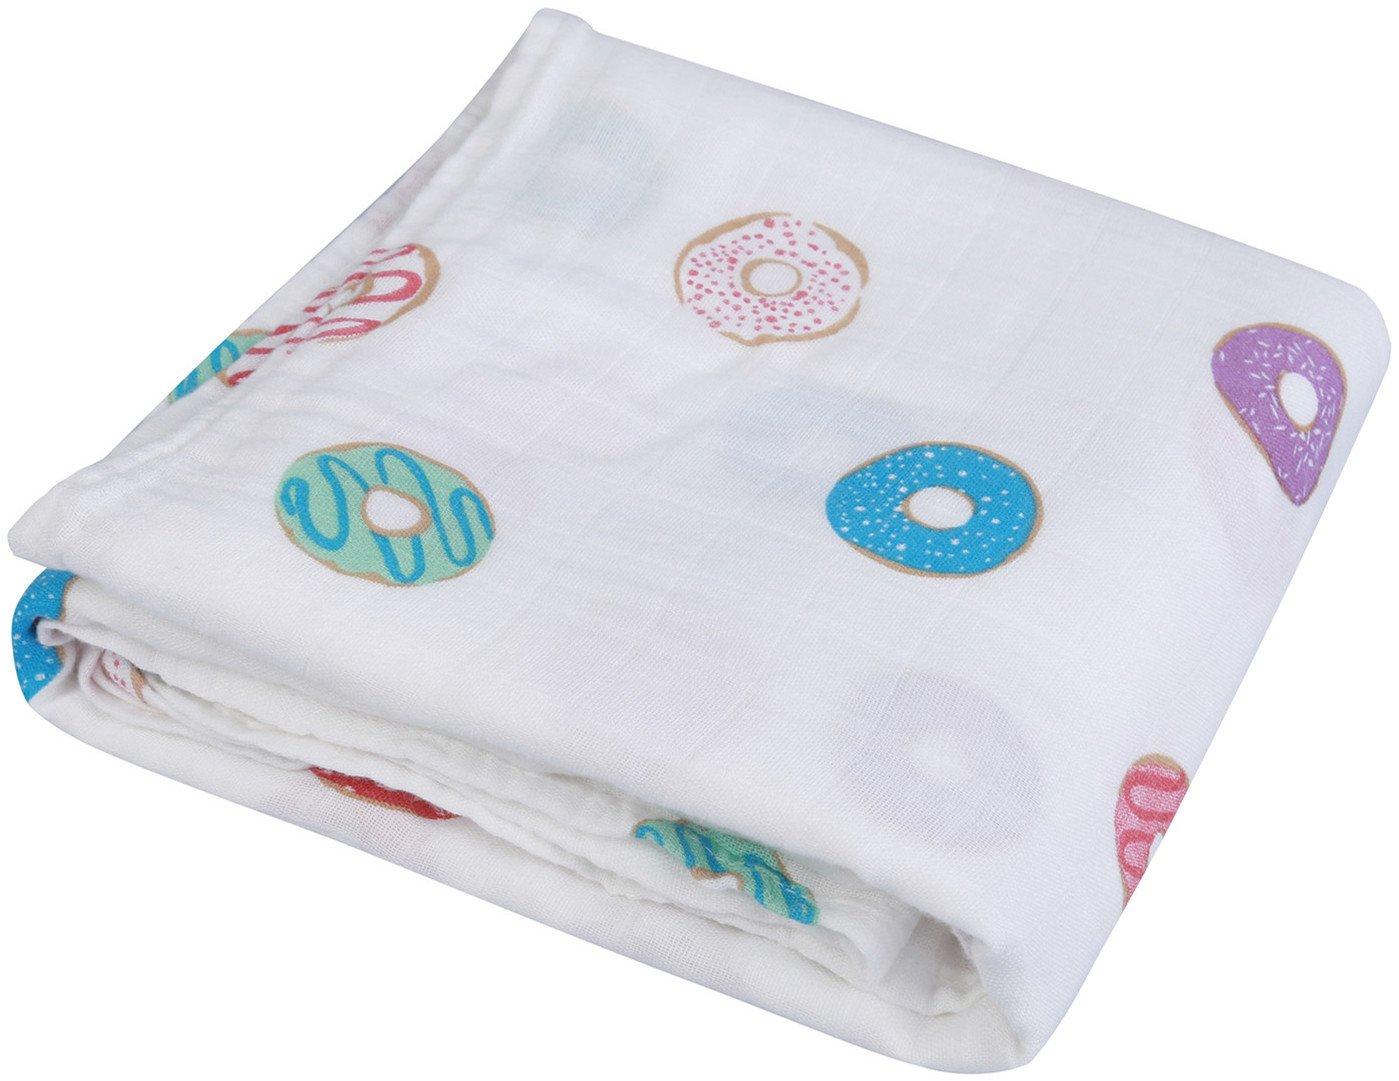 Little Jump Couverture d'emmaillotage pour Bébé | ' Design de Floral ' 120cm x 120cm Couverture Emmaillotage pour Bébé | Cadeau parfait pour bébé … (Floral) Shanglan B0785PZ2VY